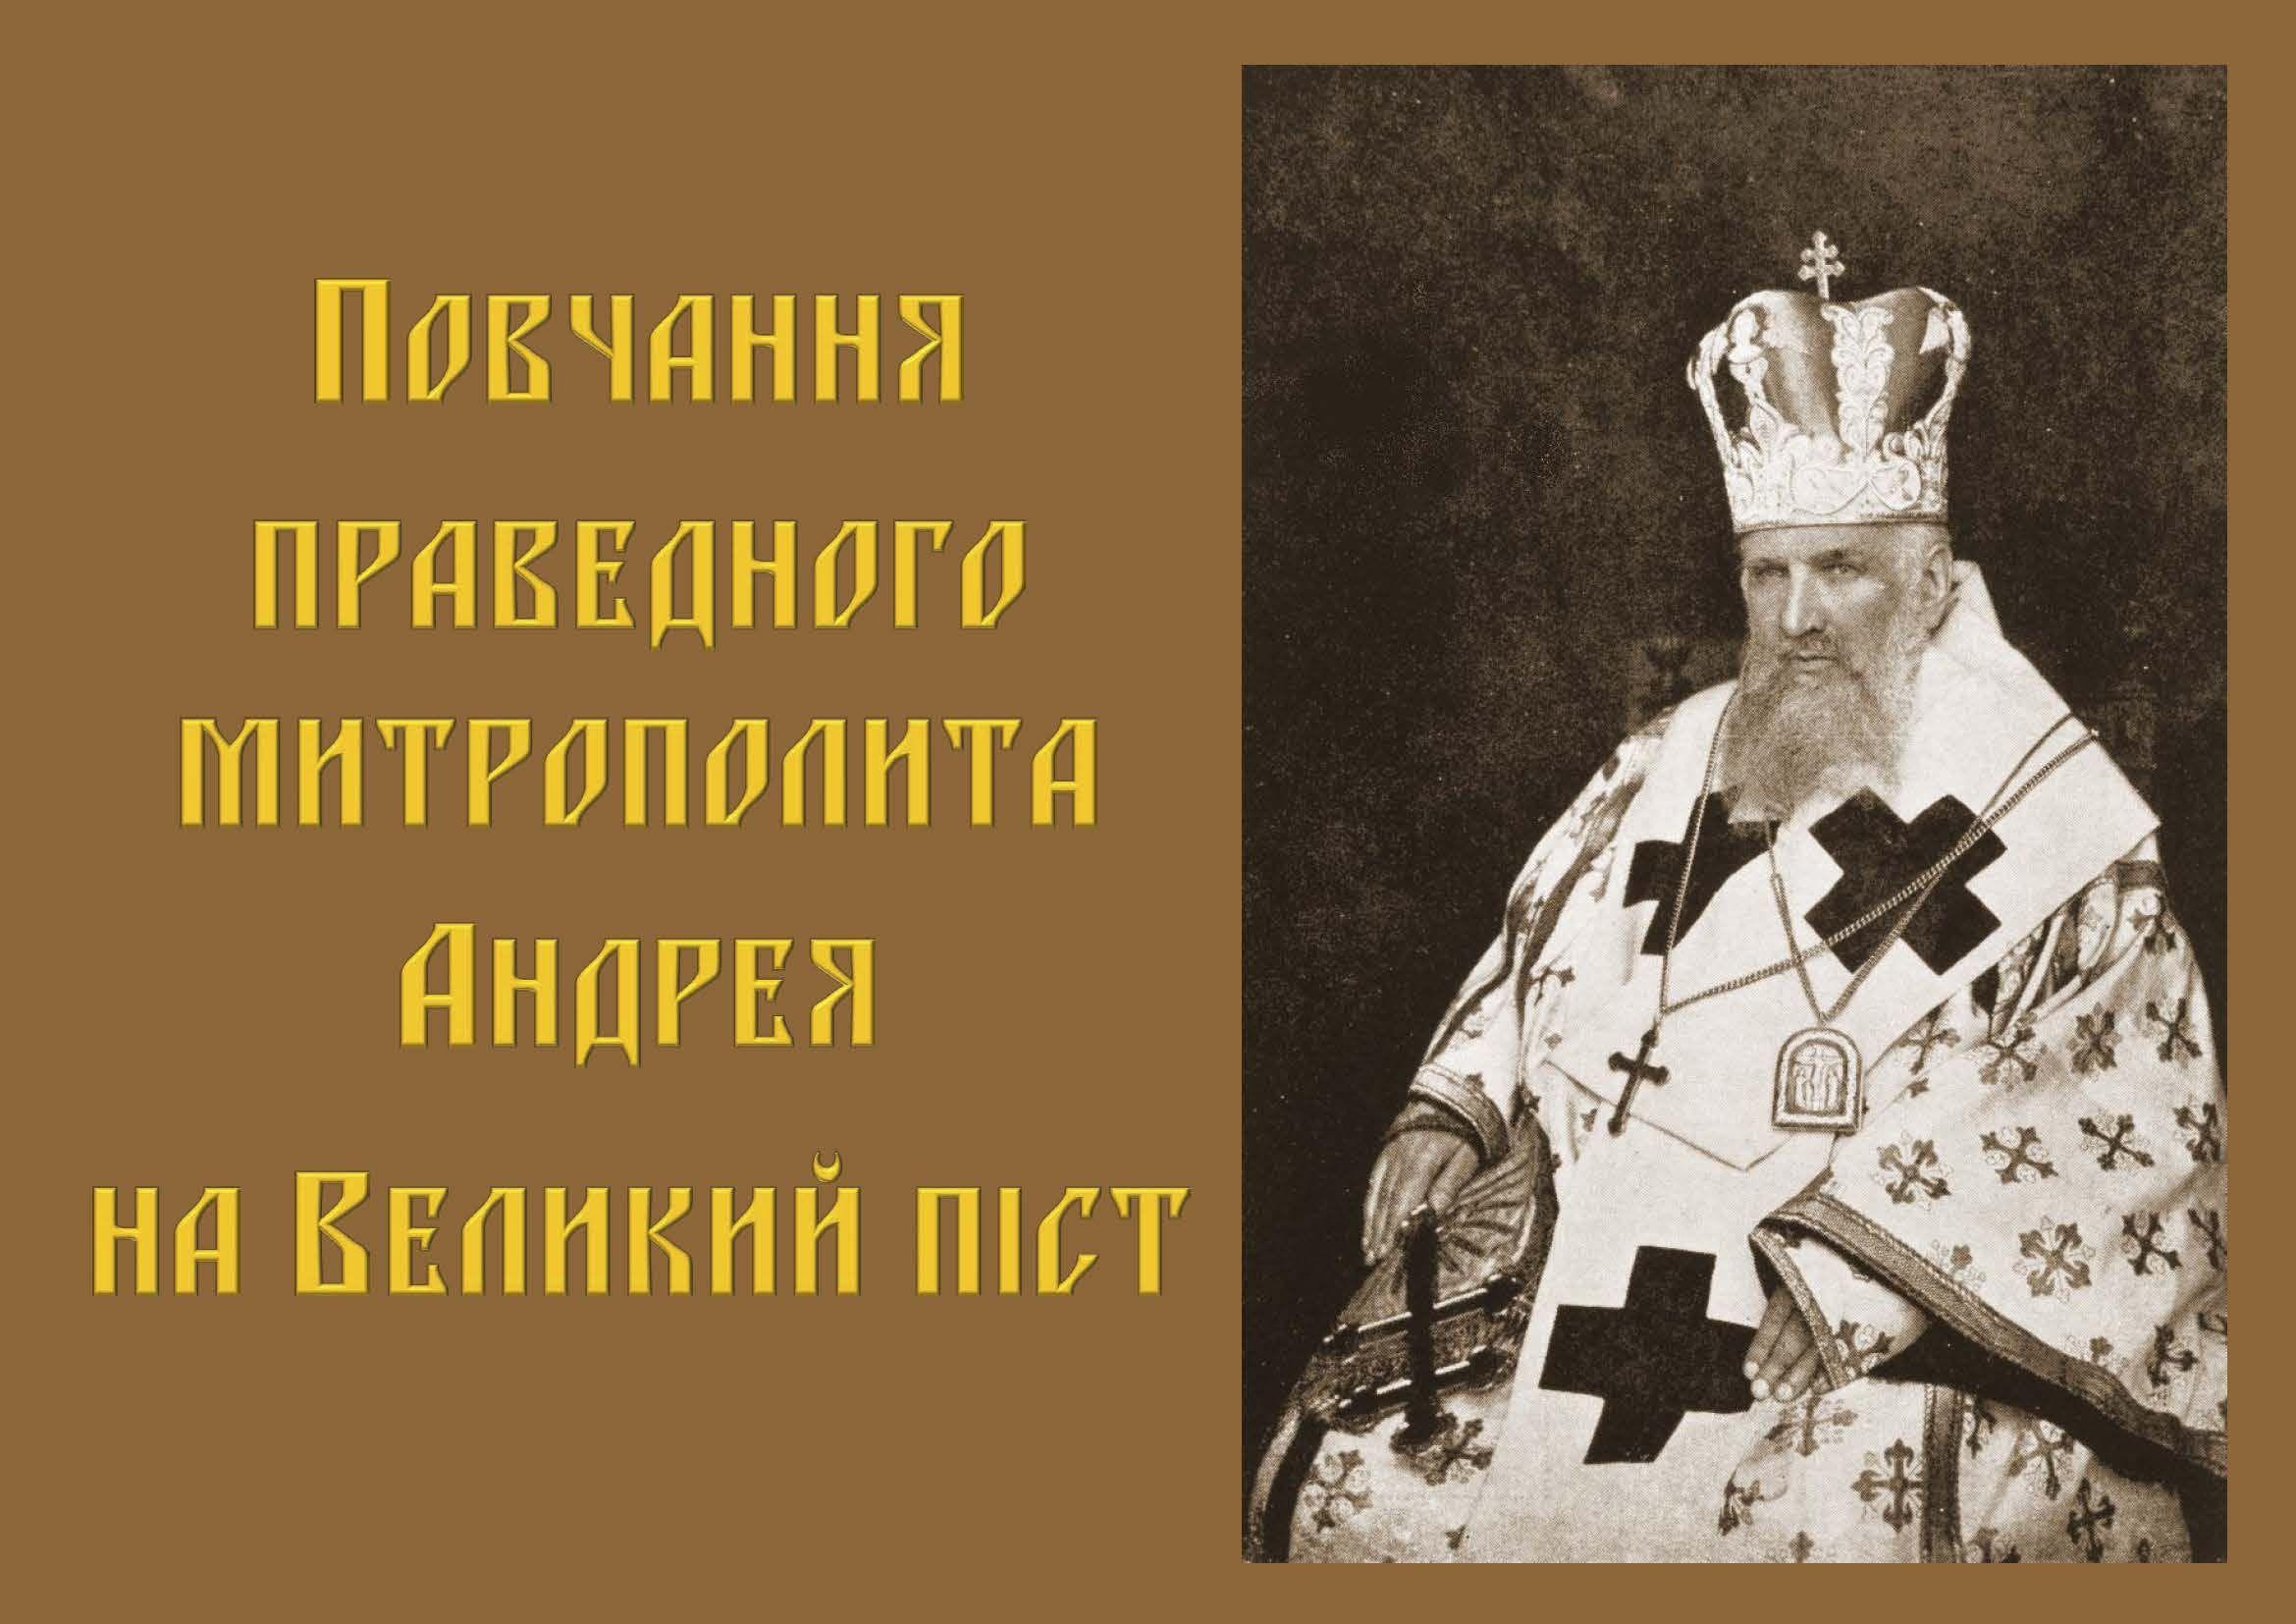 Повчання праведного митрополита АНДРЕЯ на Великий піст